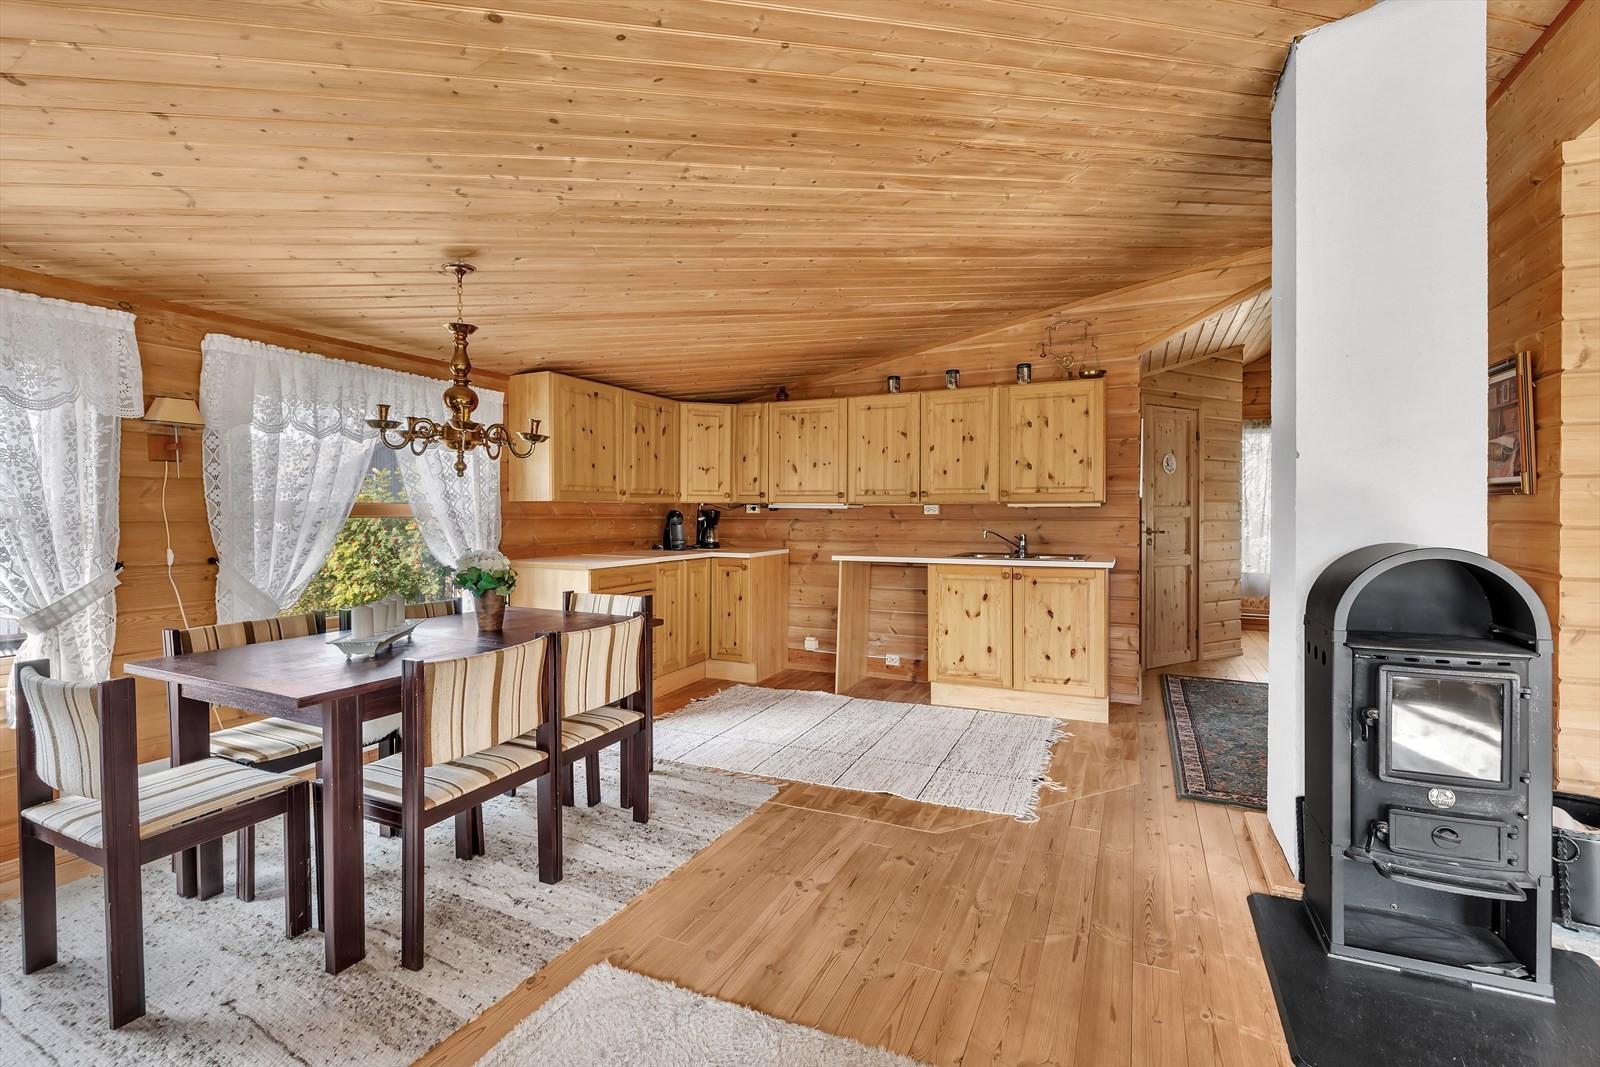 Det er etablert kjøkken i bakre del av stuen på loftet